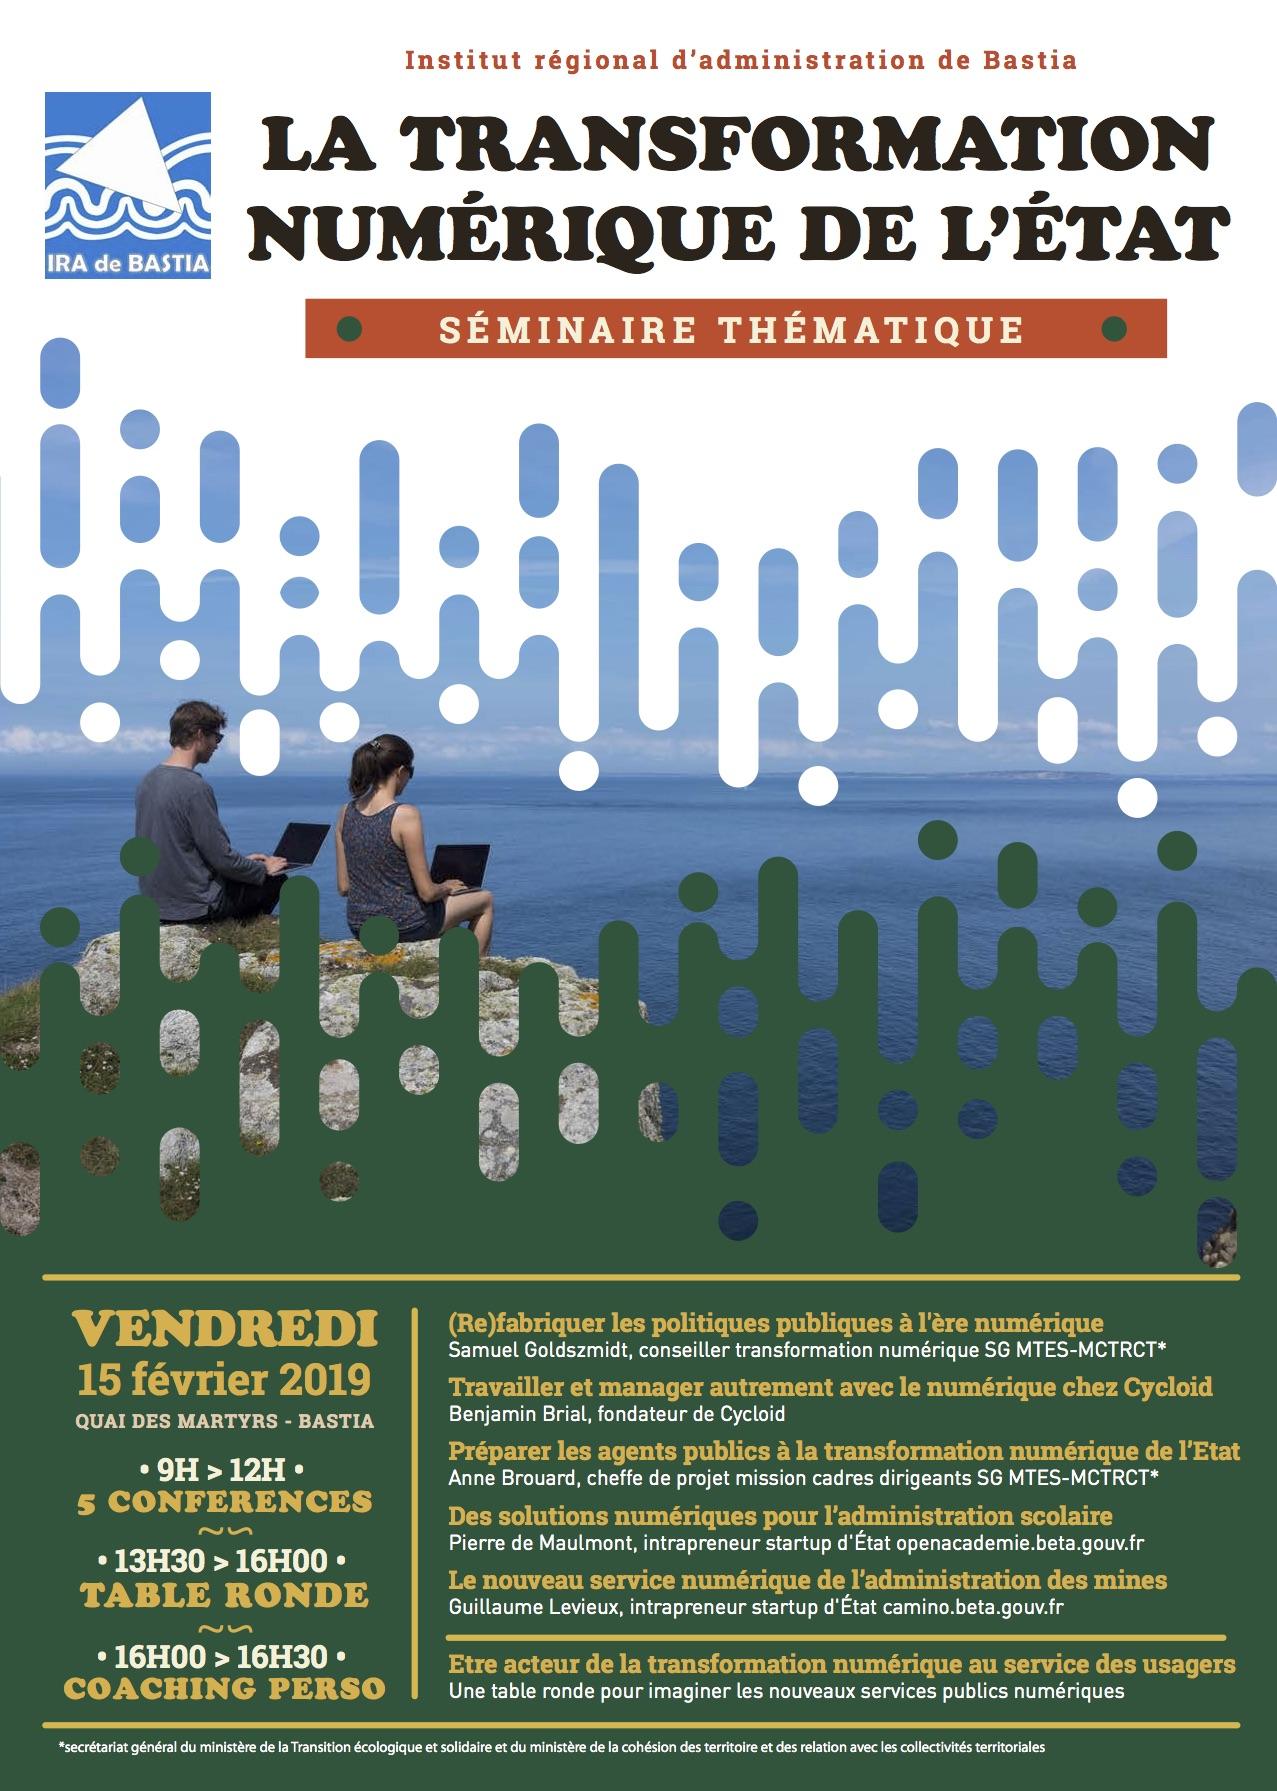 Une conférence sur la Transformation numérique de l'Etat ce vendredi à l'Ira de Bastia